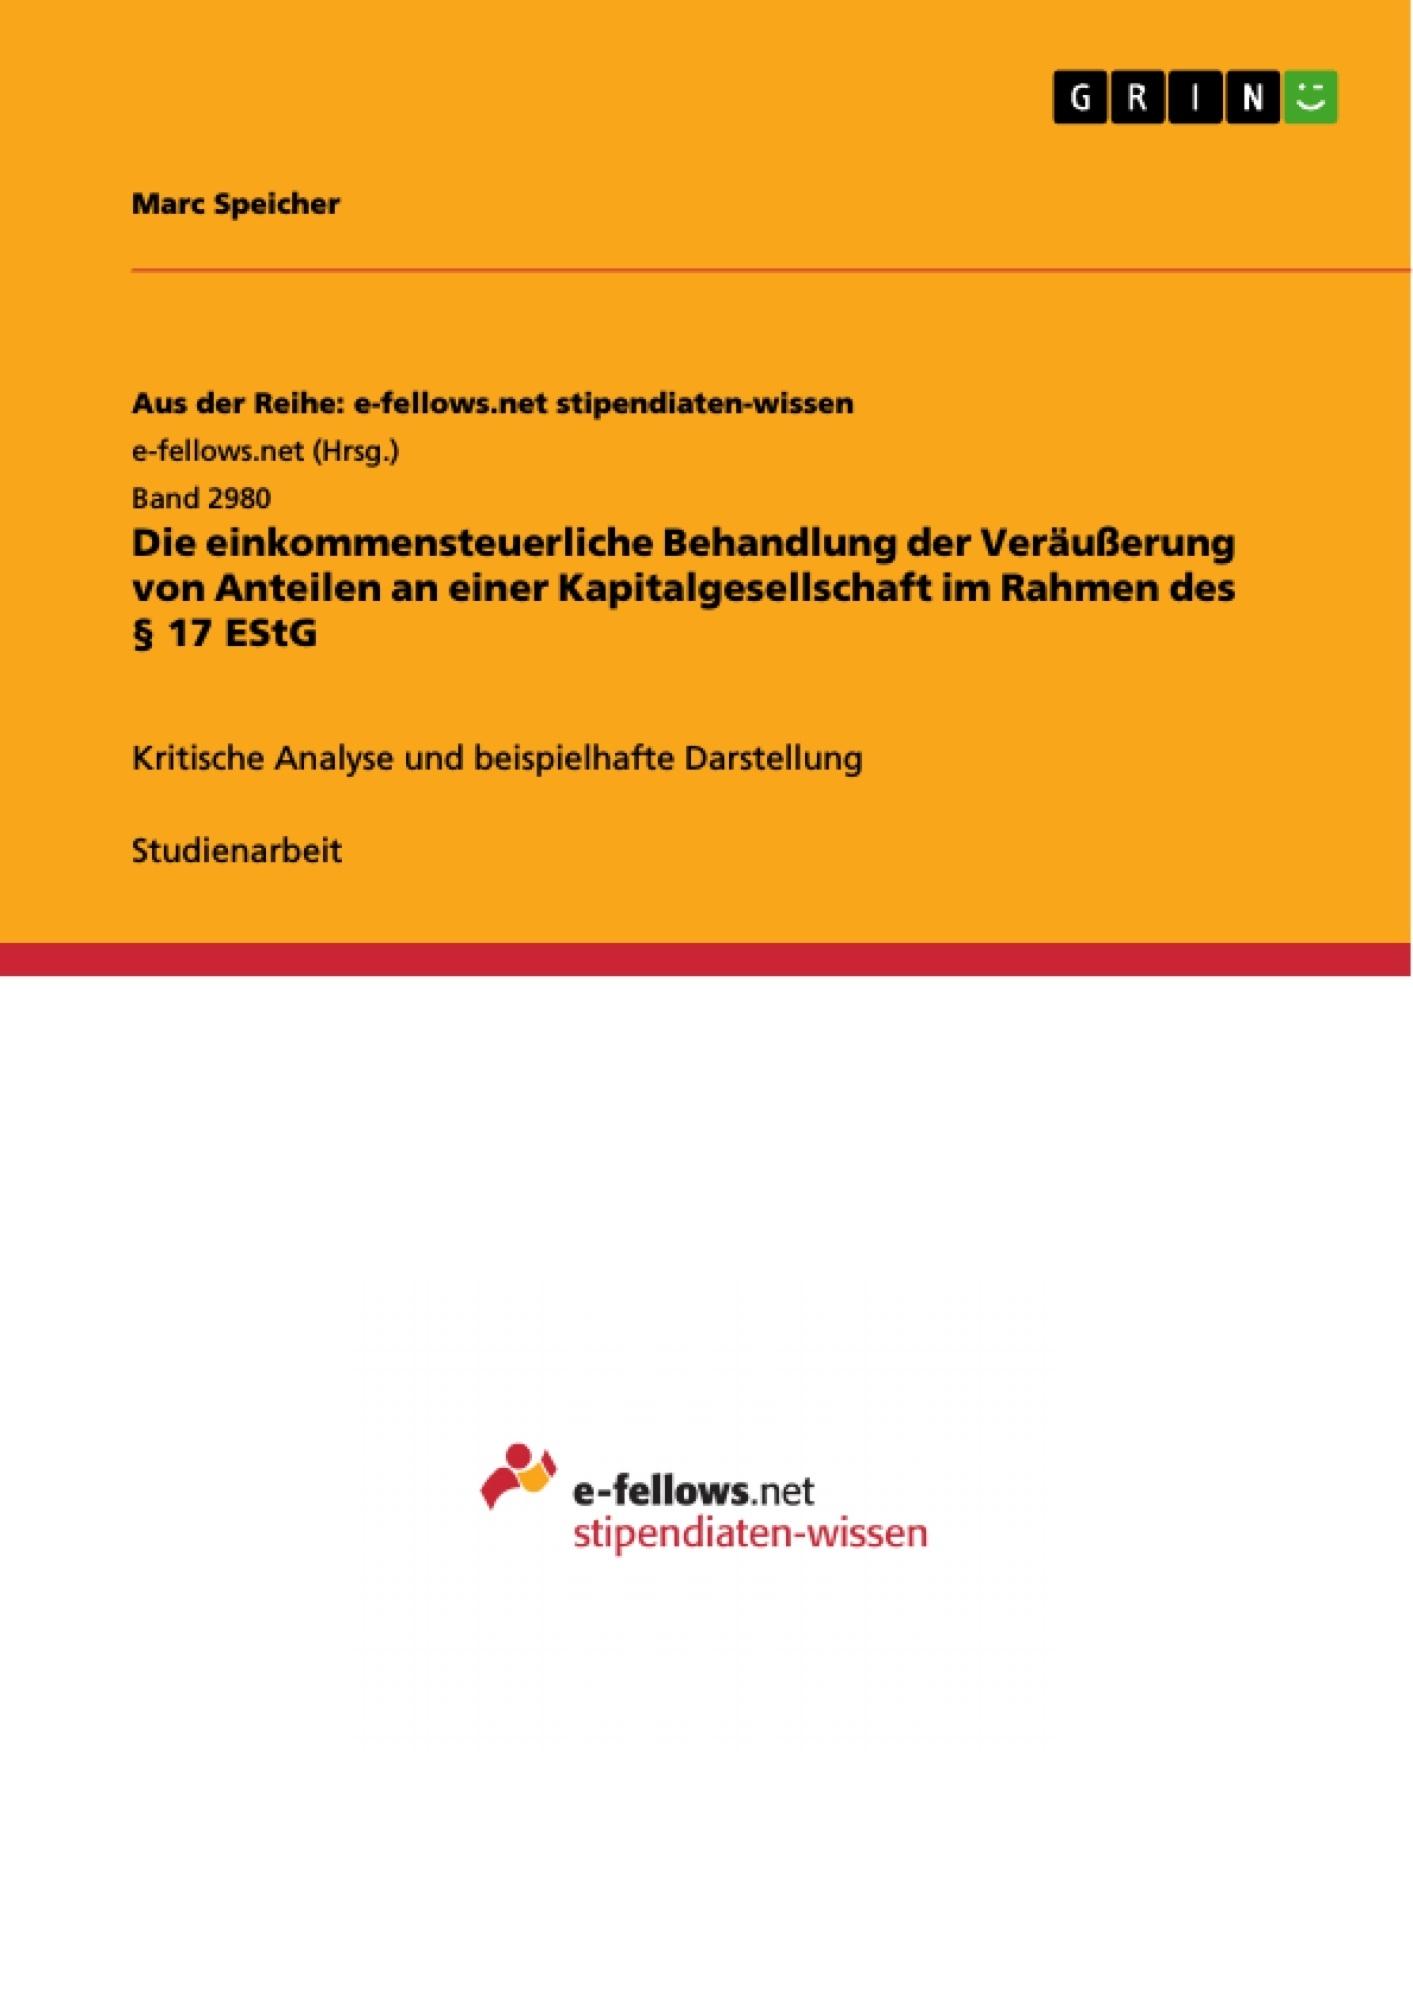 Titel: Die einkommensteuerliche Behandlung der Veräußerung von Anteilen an einer Kapitalgesellschaft im Rahmen des § 17 EStG